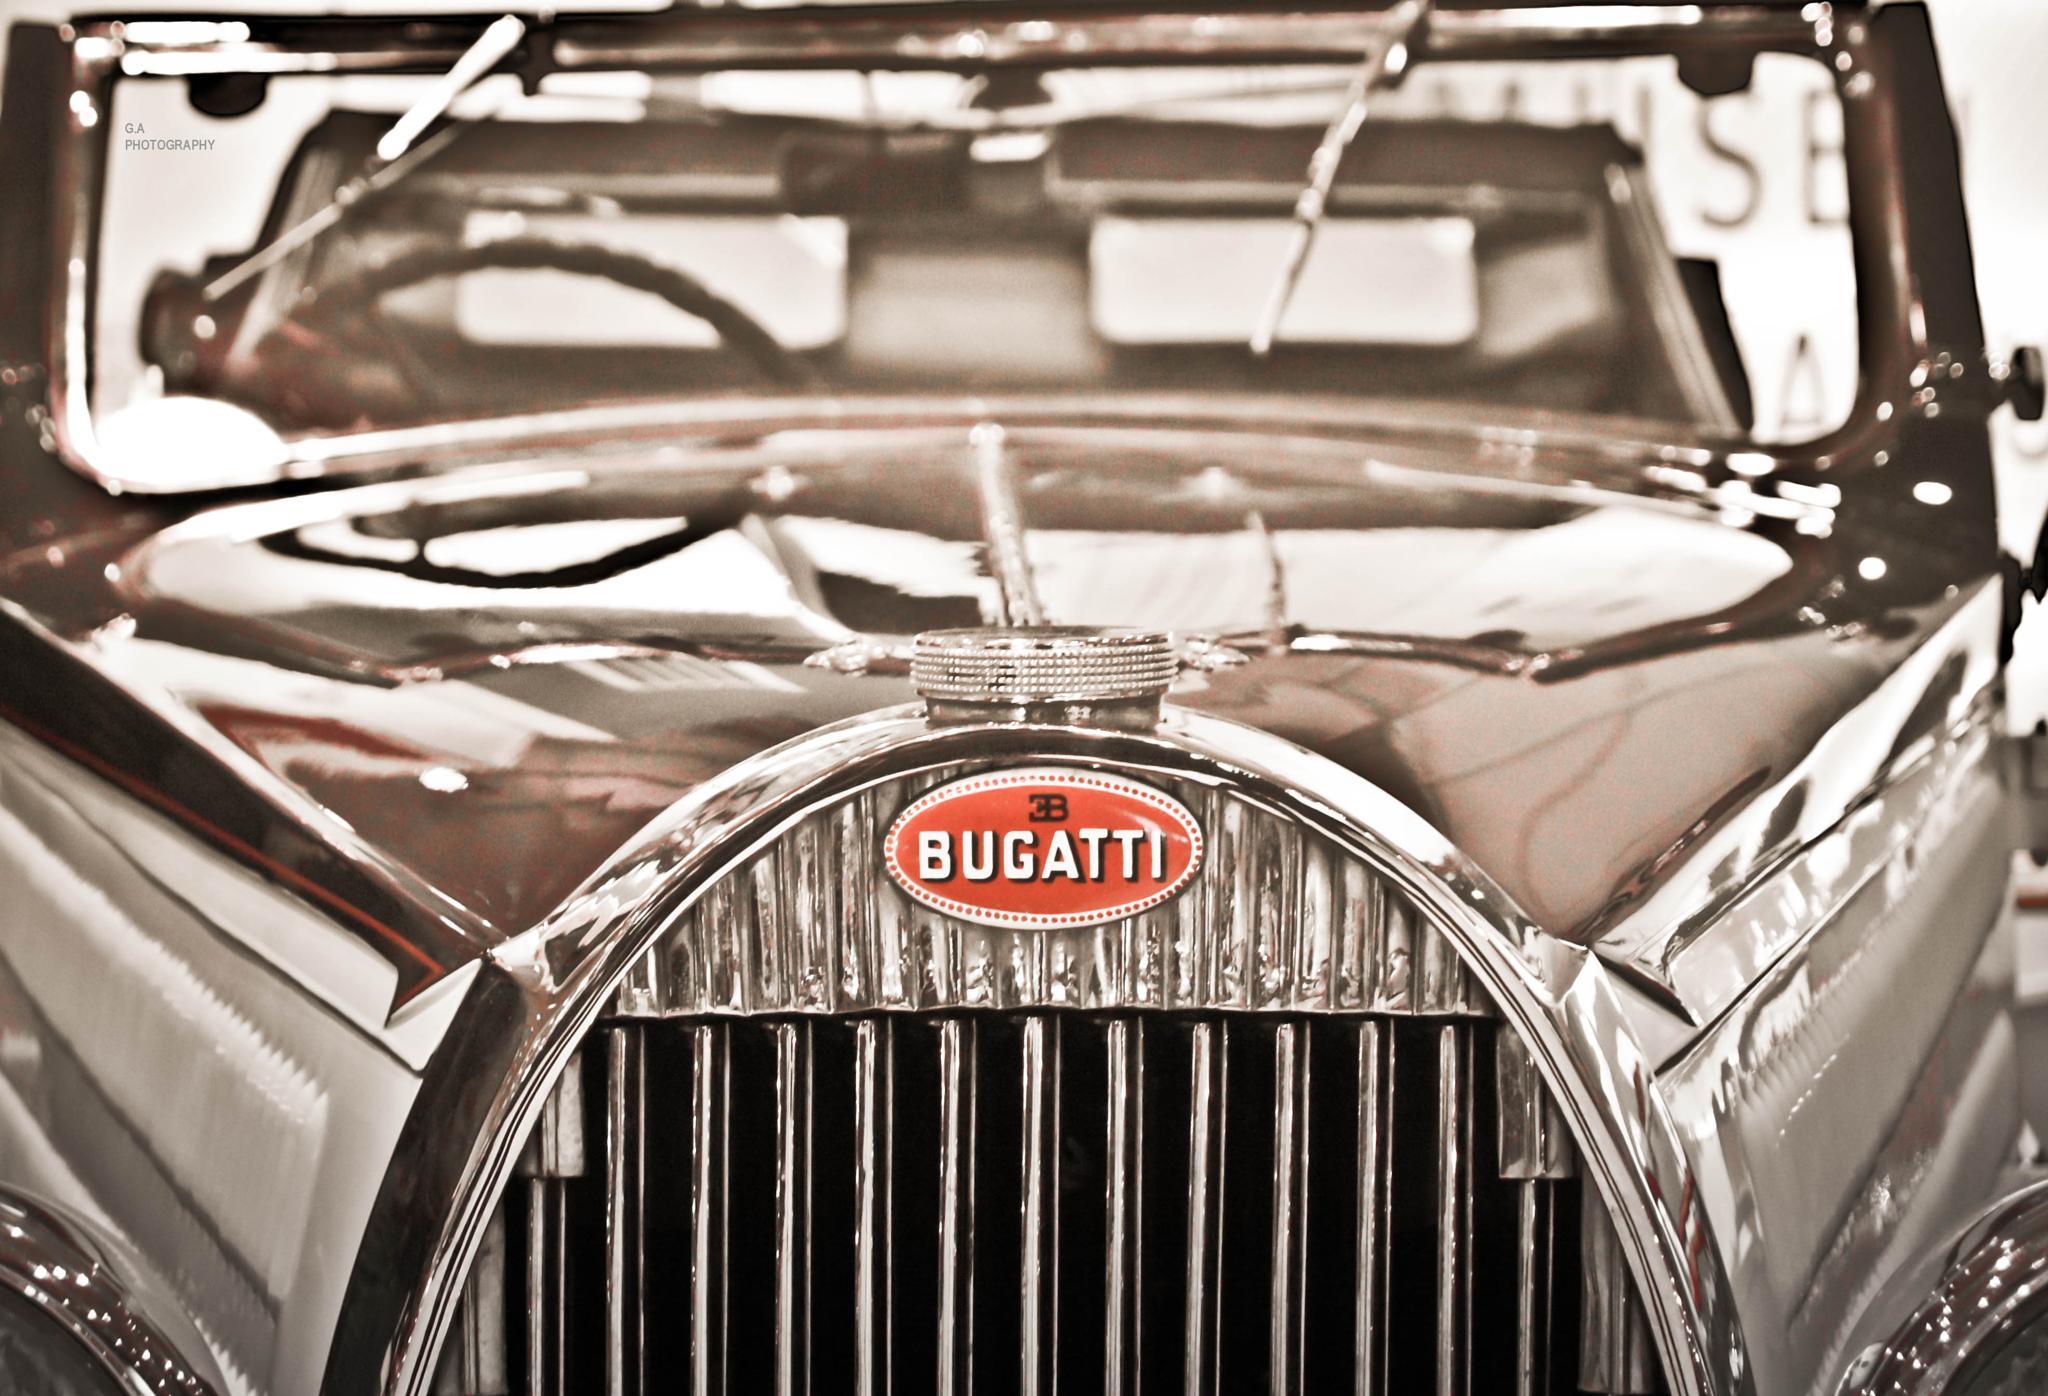 Bugatti by Fernando B